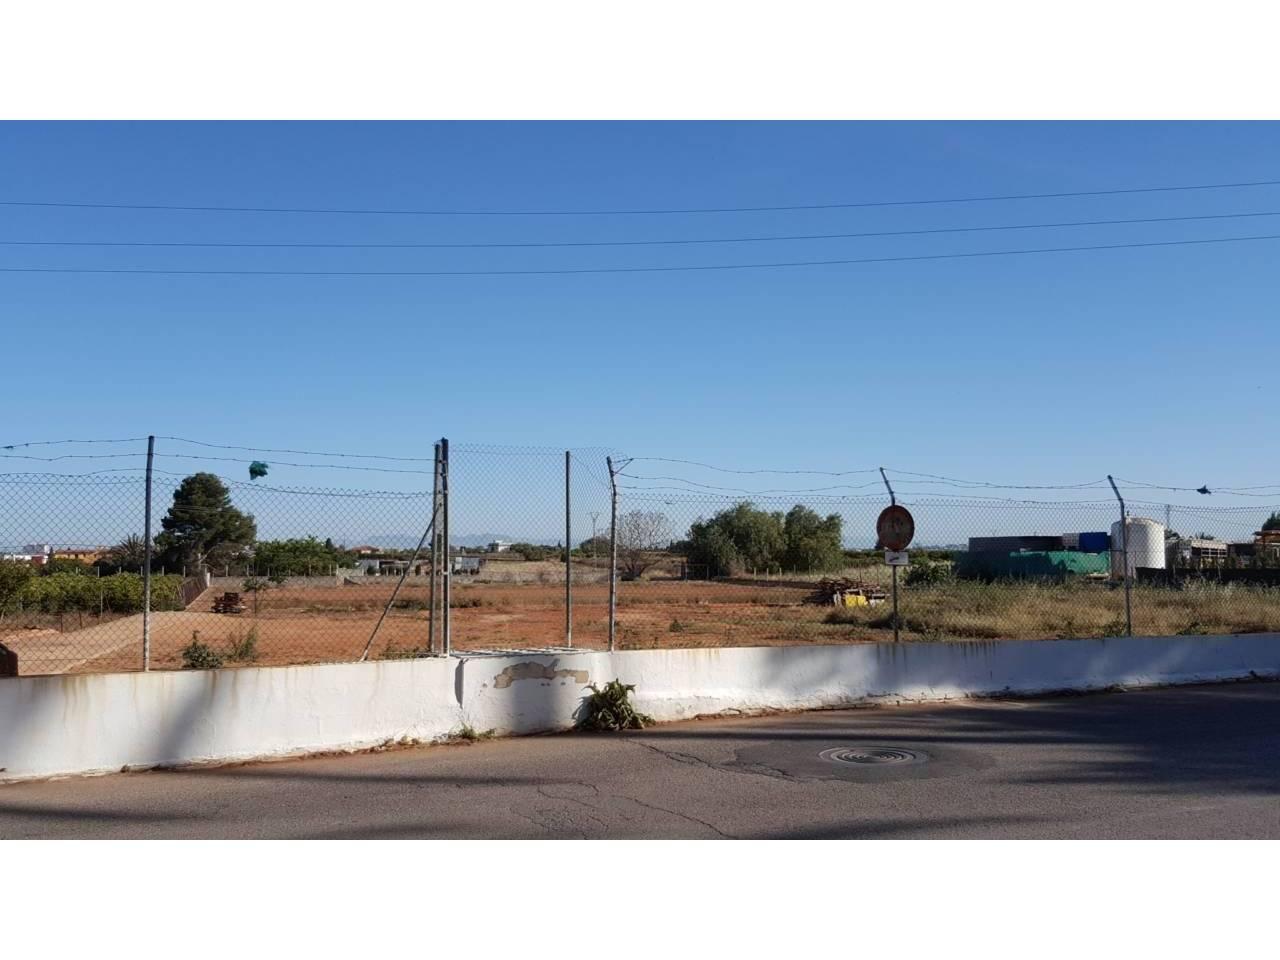 Solar urbano  Santa ana. 5340 m² solar, 6 hanegadas de terreno rustico.